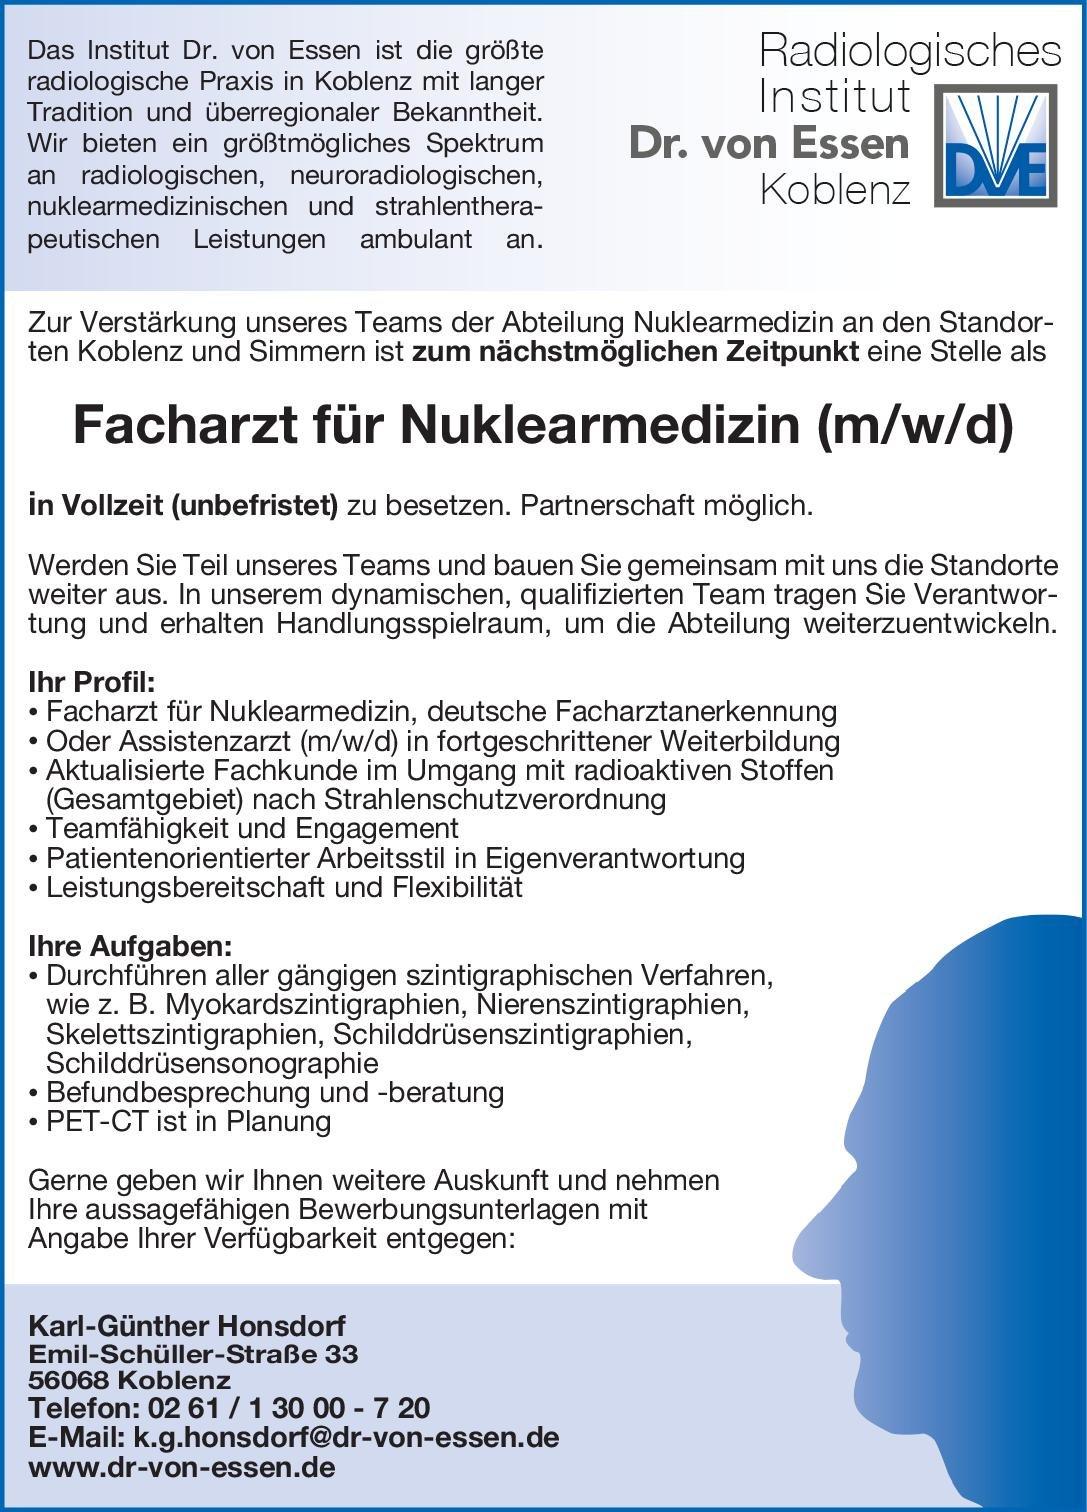 Radiologisches Institut Dr. von Essen Facharzt für Nuklearmedizin (m/w/d) Nuklearmedizin Arzt / Facharzt